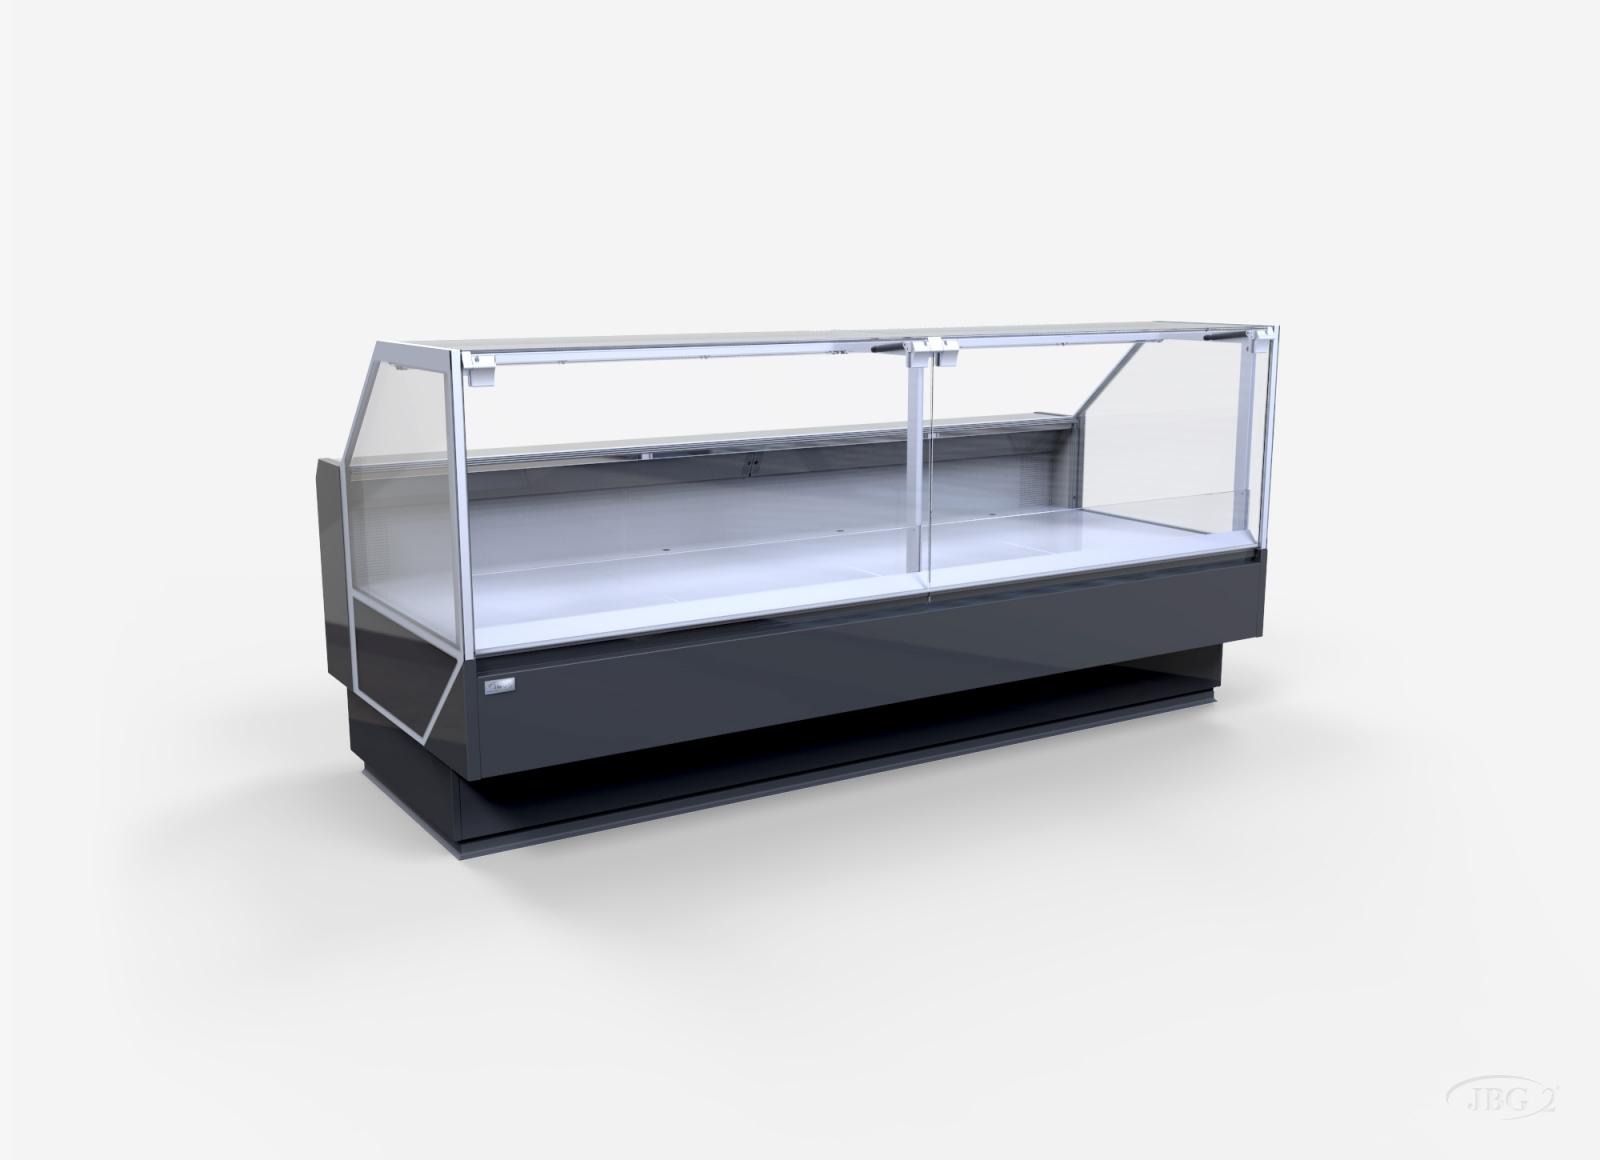 Lada chłodnicza JBG-2 Lhotse 37 LDLH